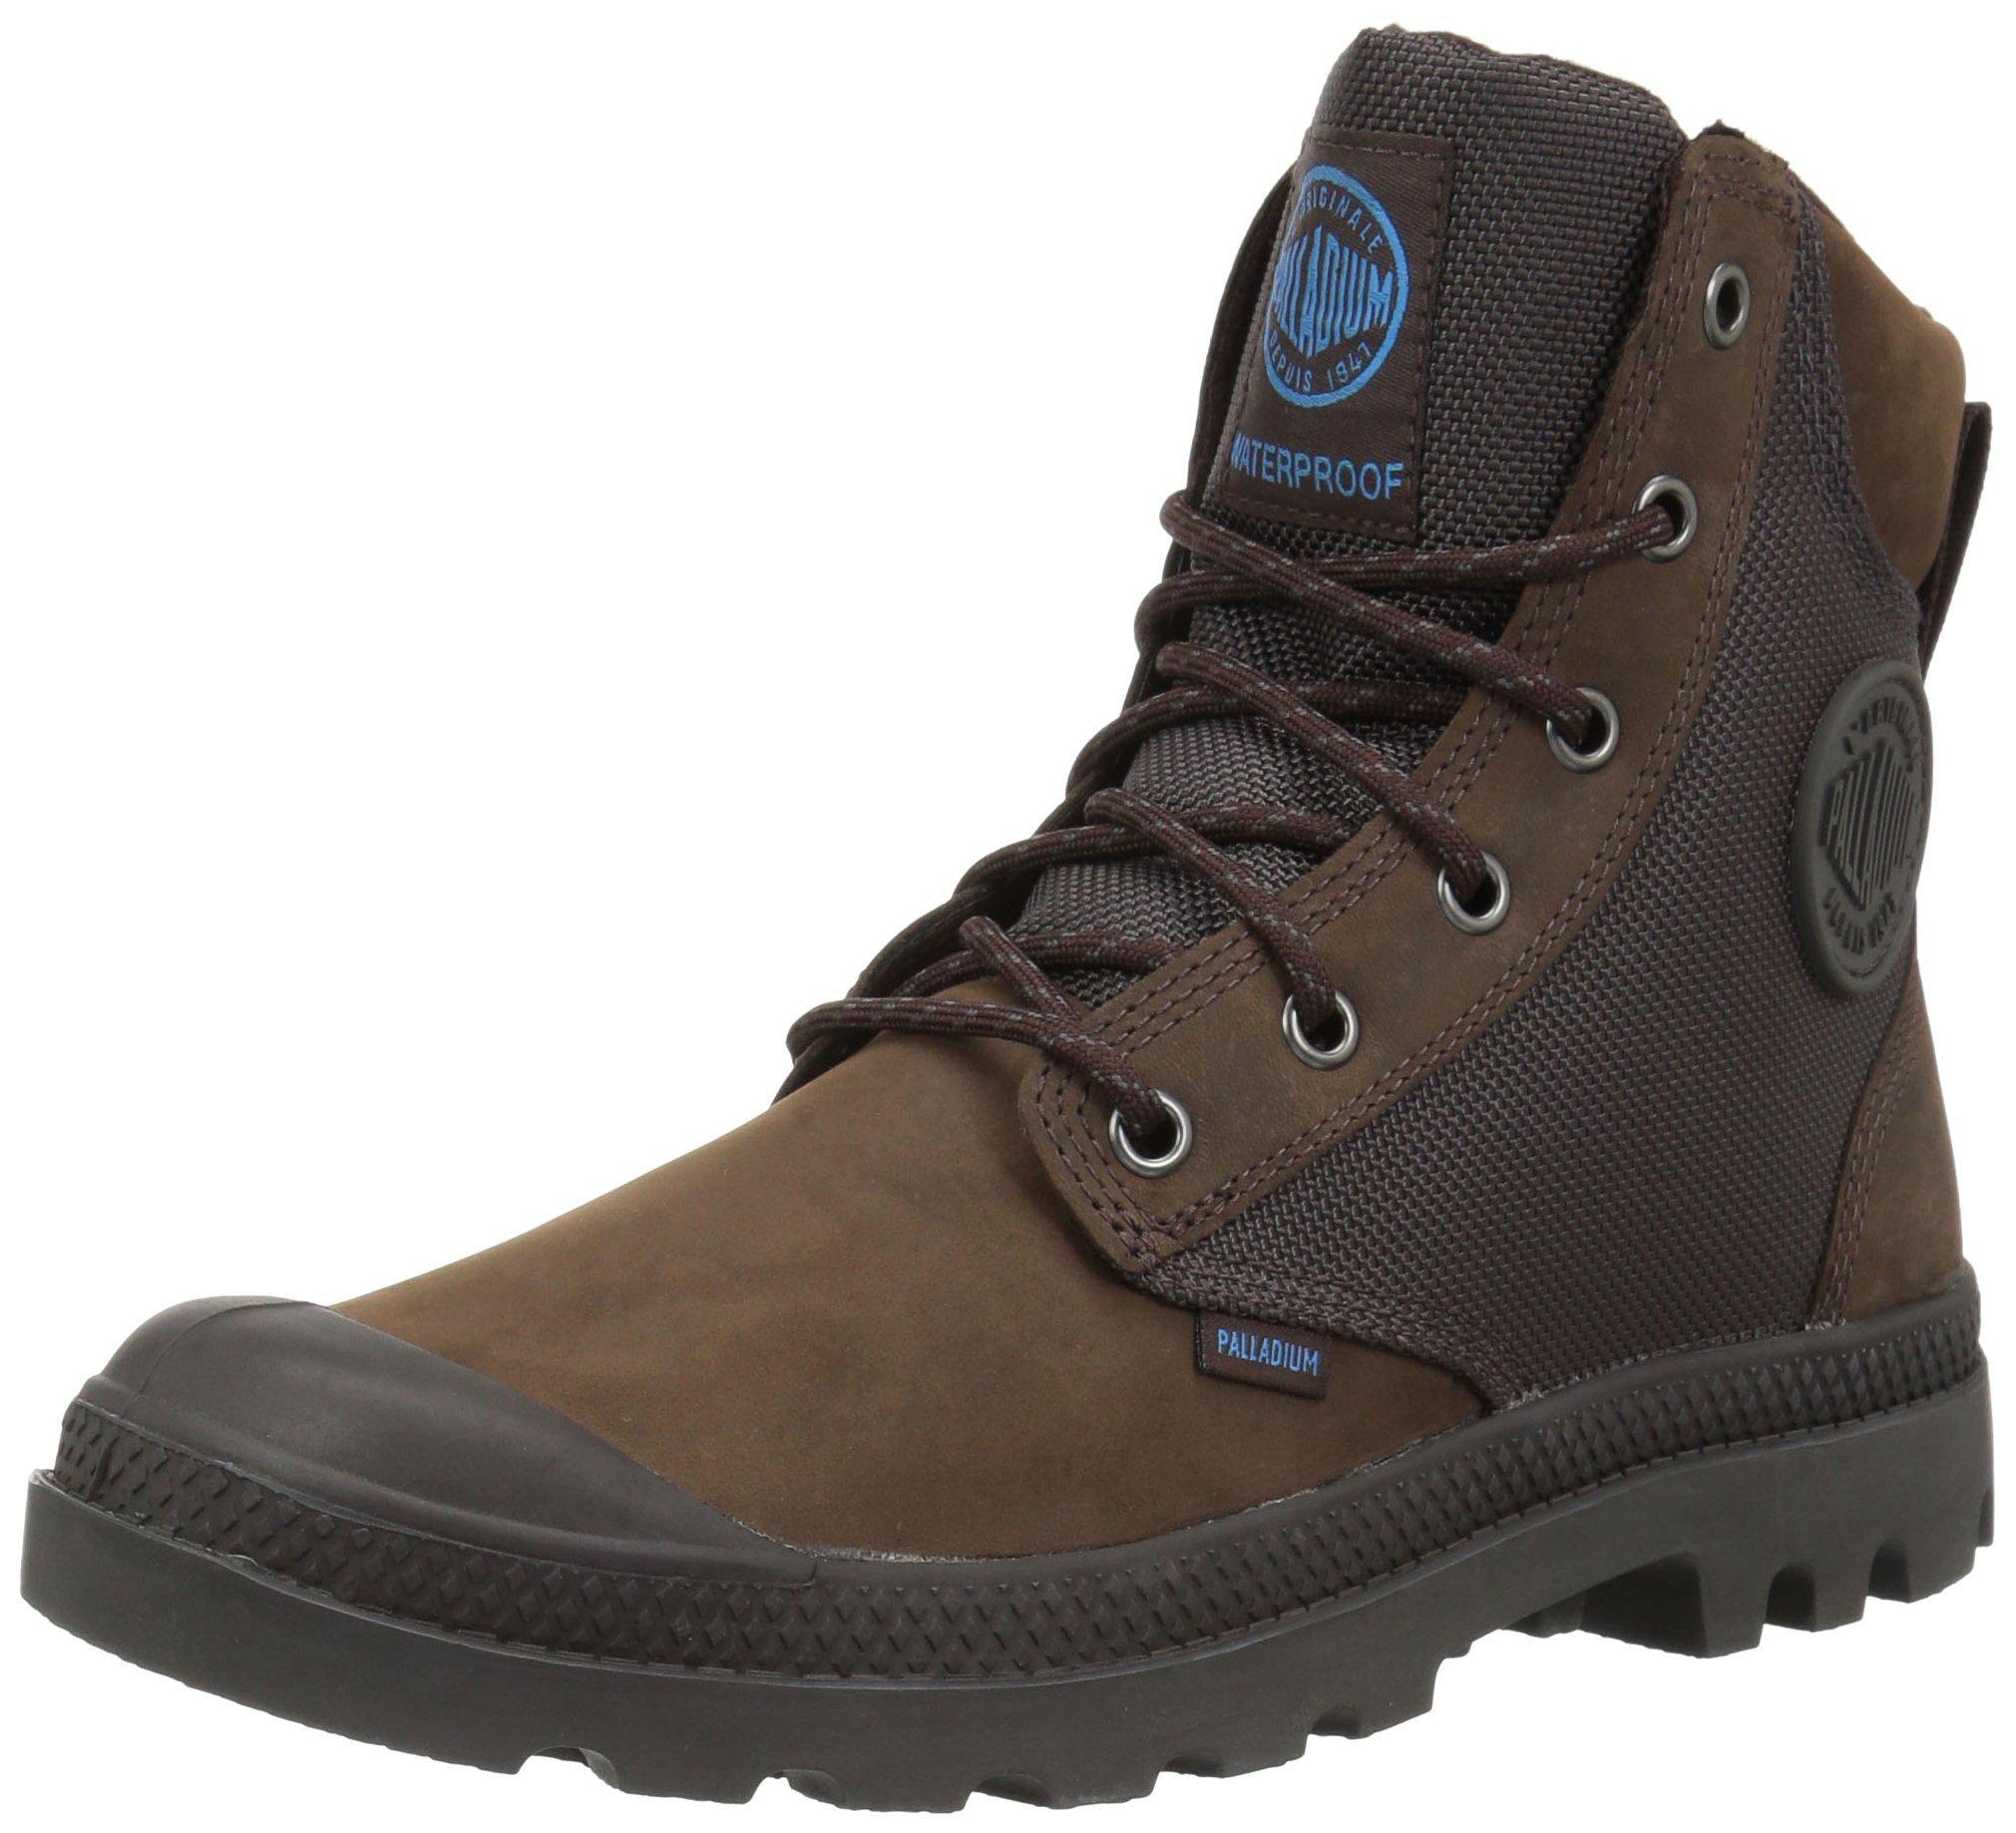 Palladium Boots Pampa Sport Cuff Wpn Waterproof Boots, Chocolate/ForgedIron,3.5